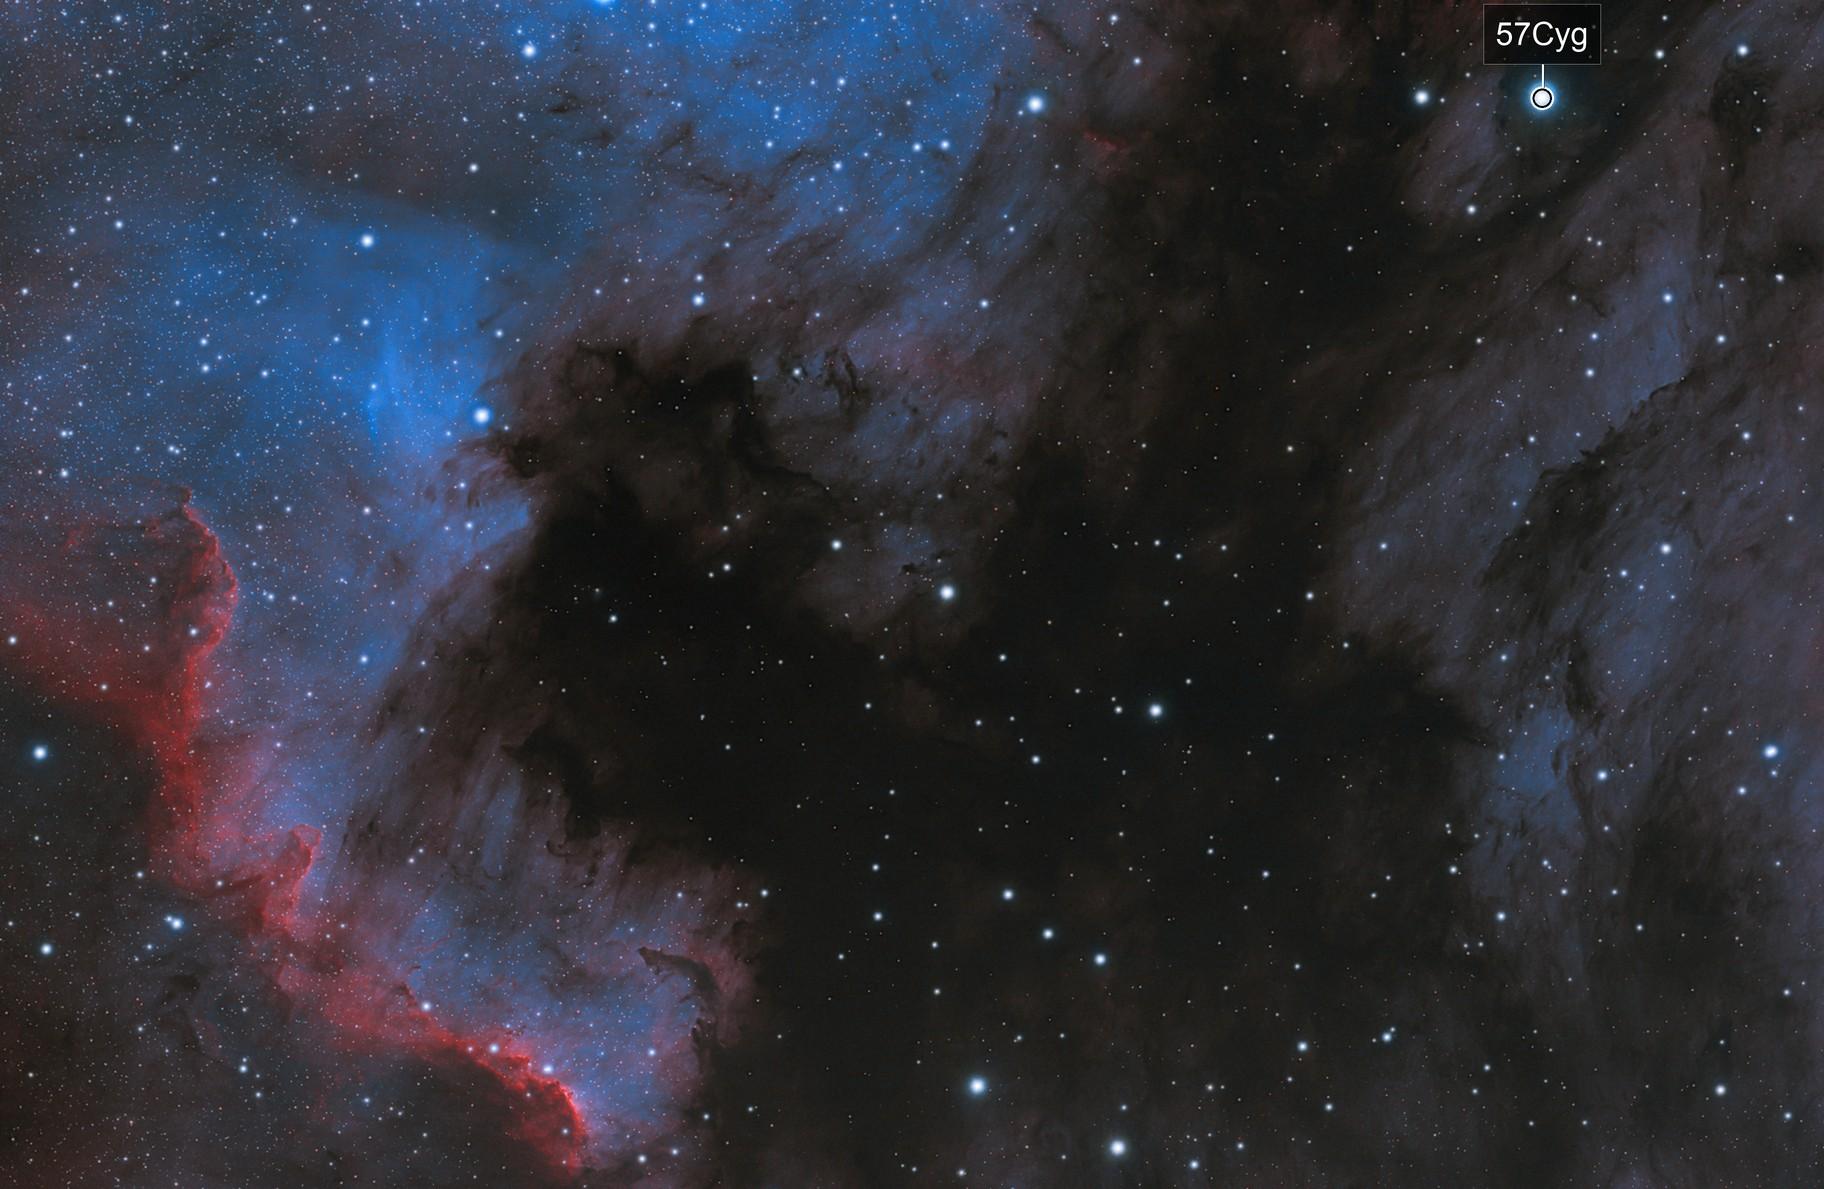 NGC 7000 + IC5070 HOO